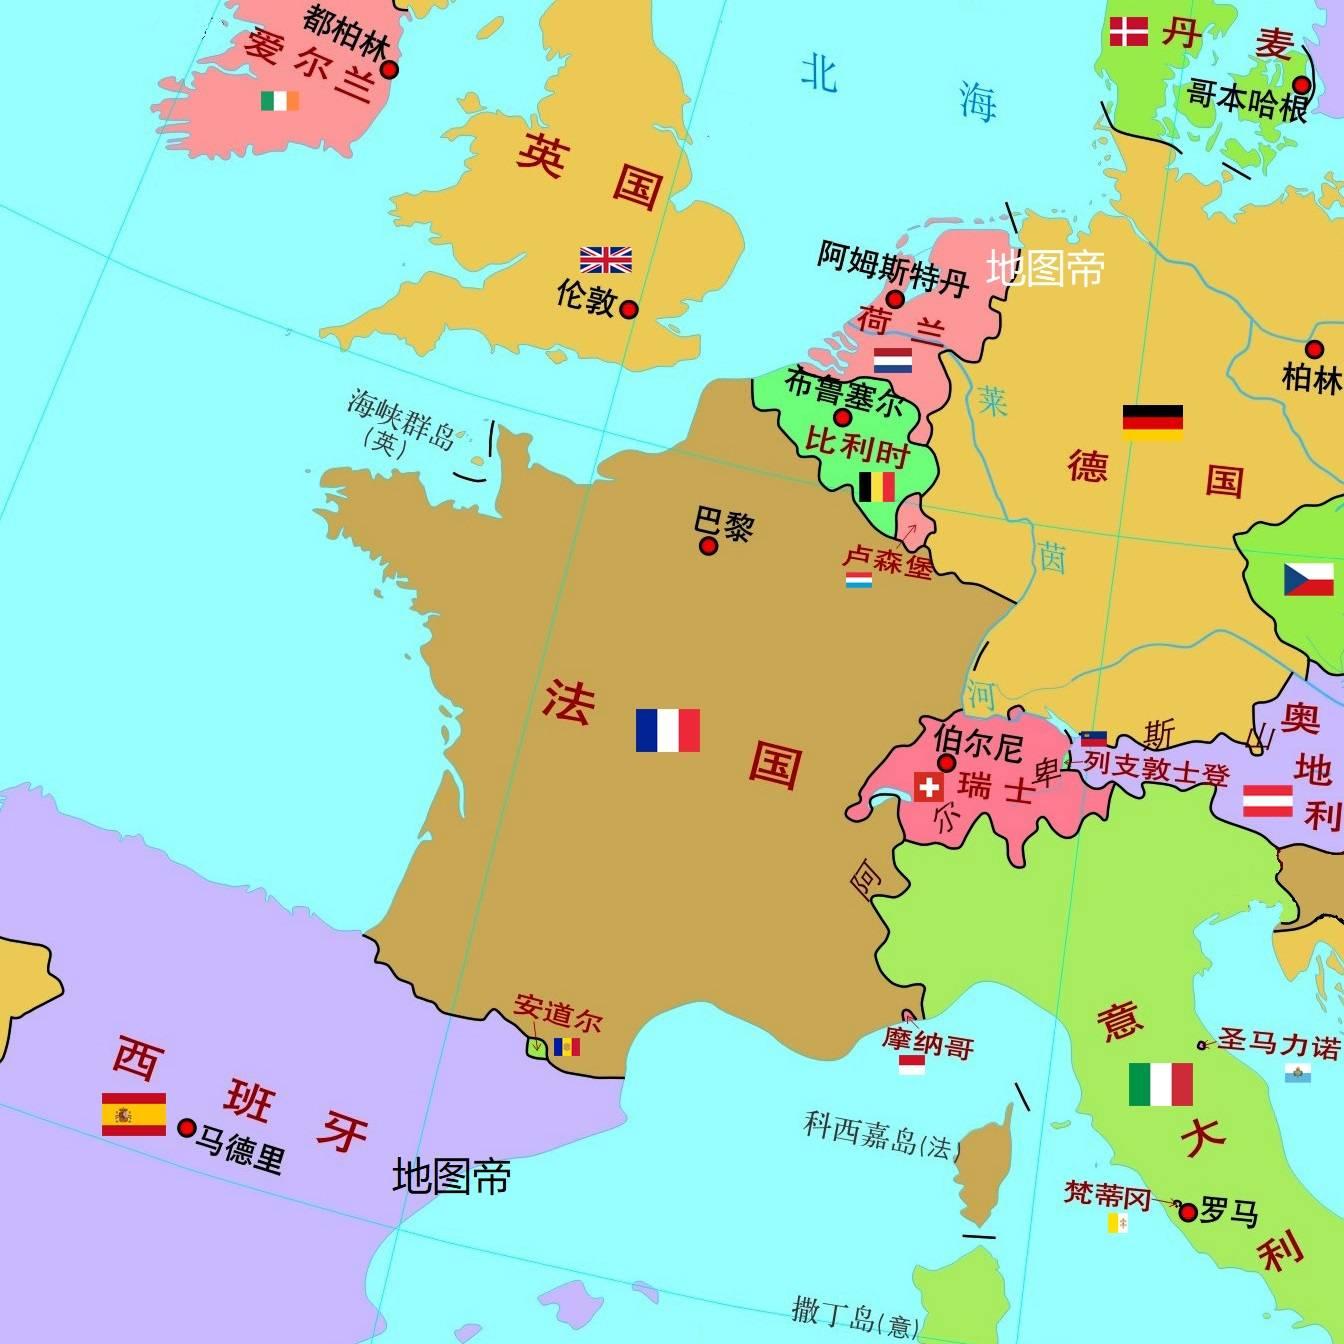 原创             科西嘉岛曾是意大利的一部分,为何成了法国领土?